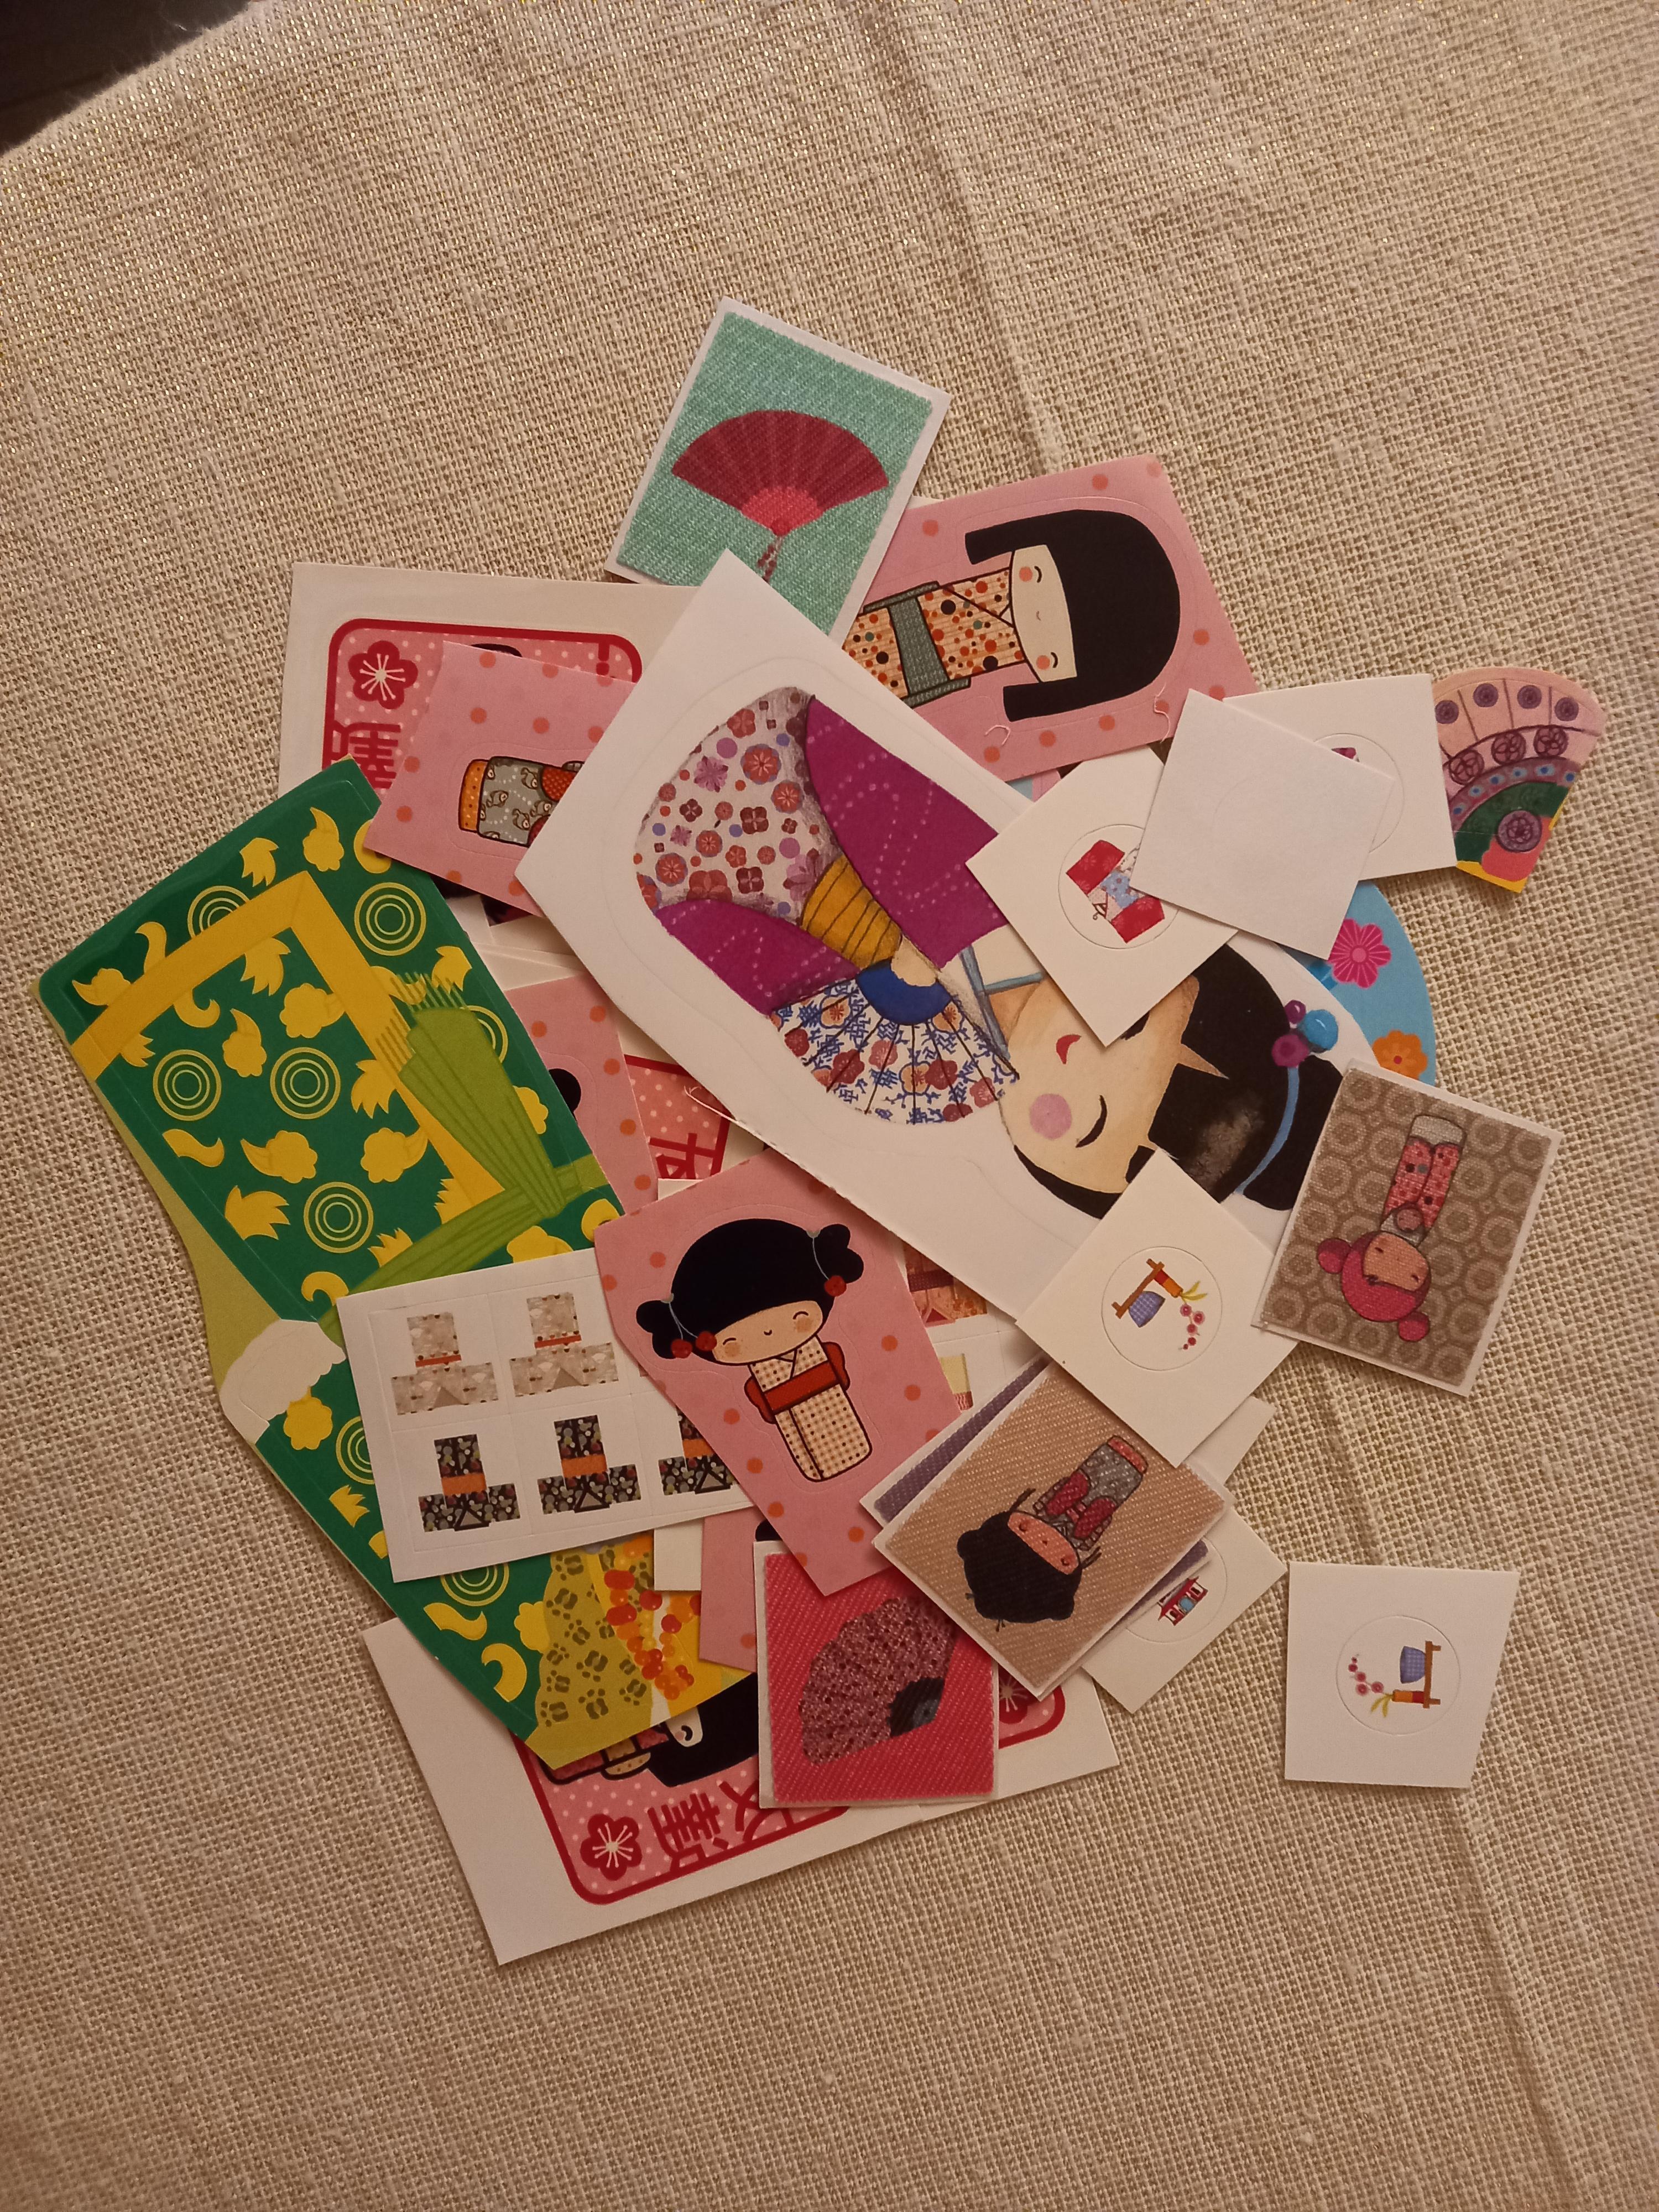 troc de troc stickers sur l'asie. image 0